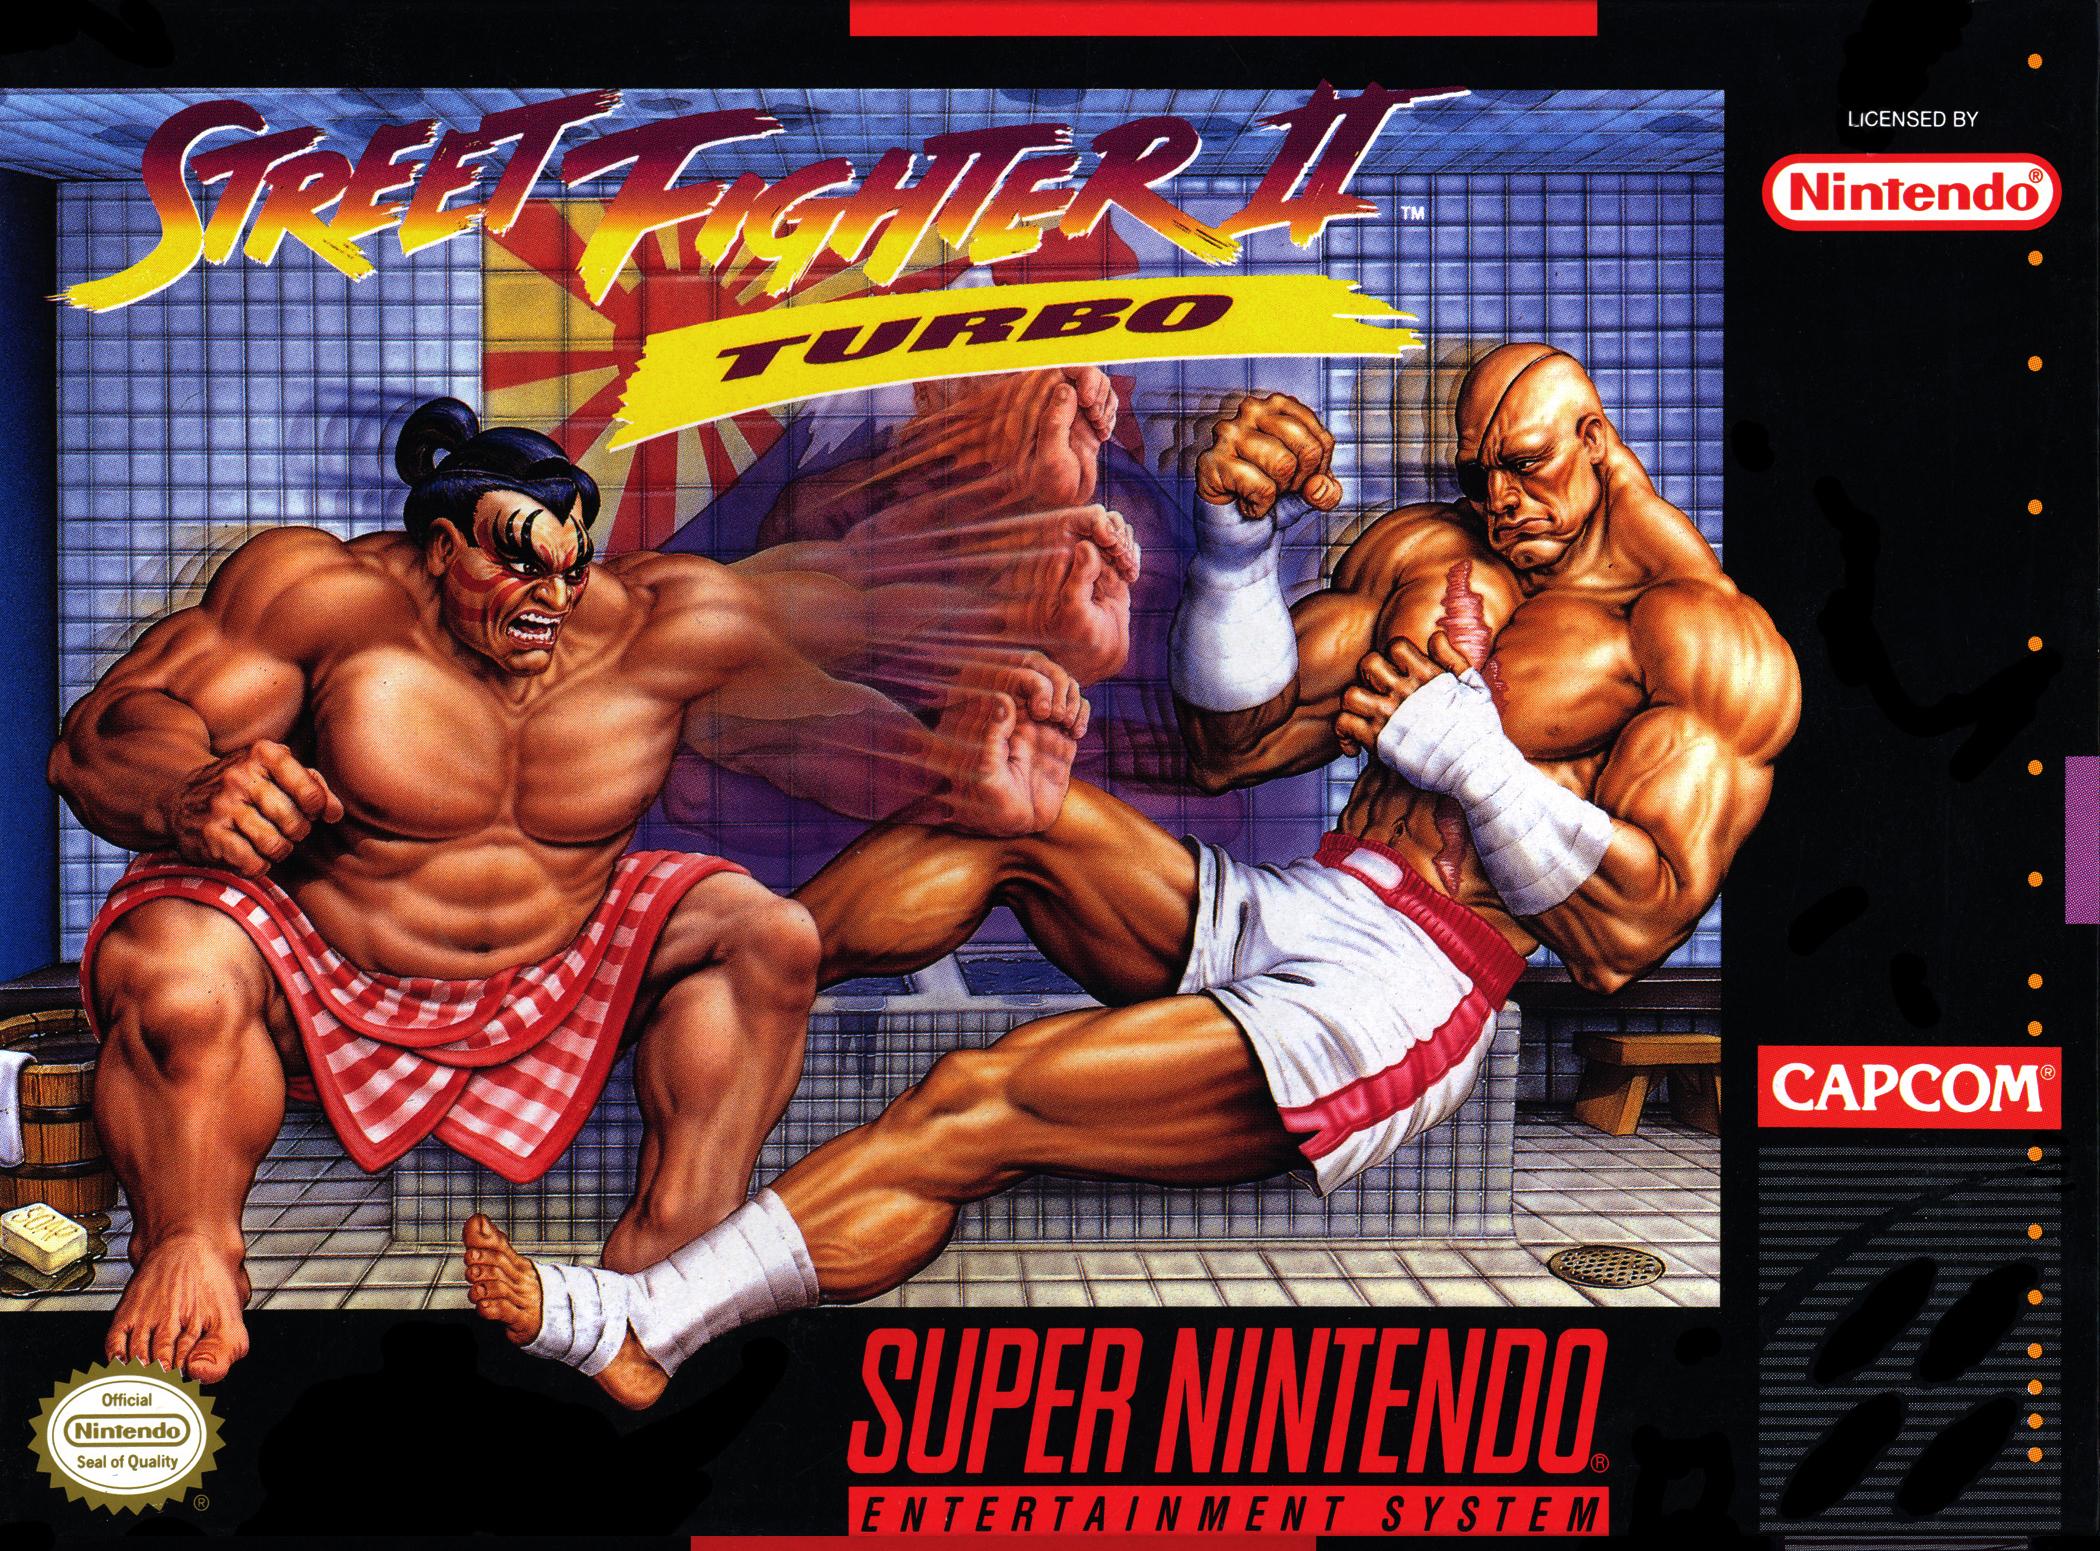 Street Fighter II Turbo/SNES